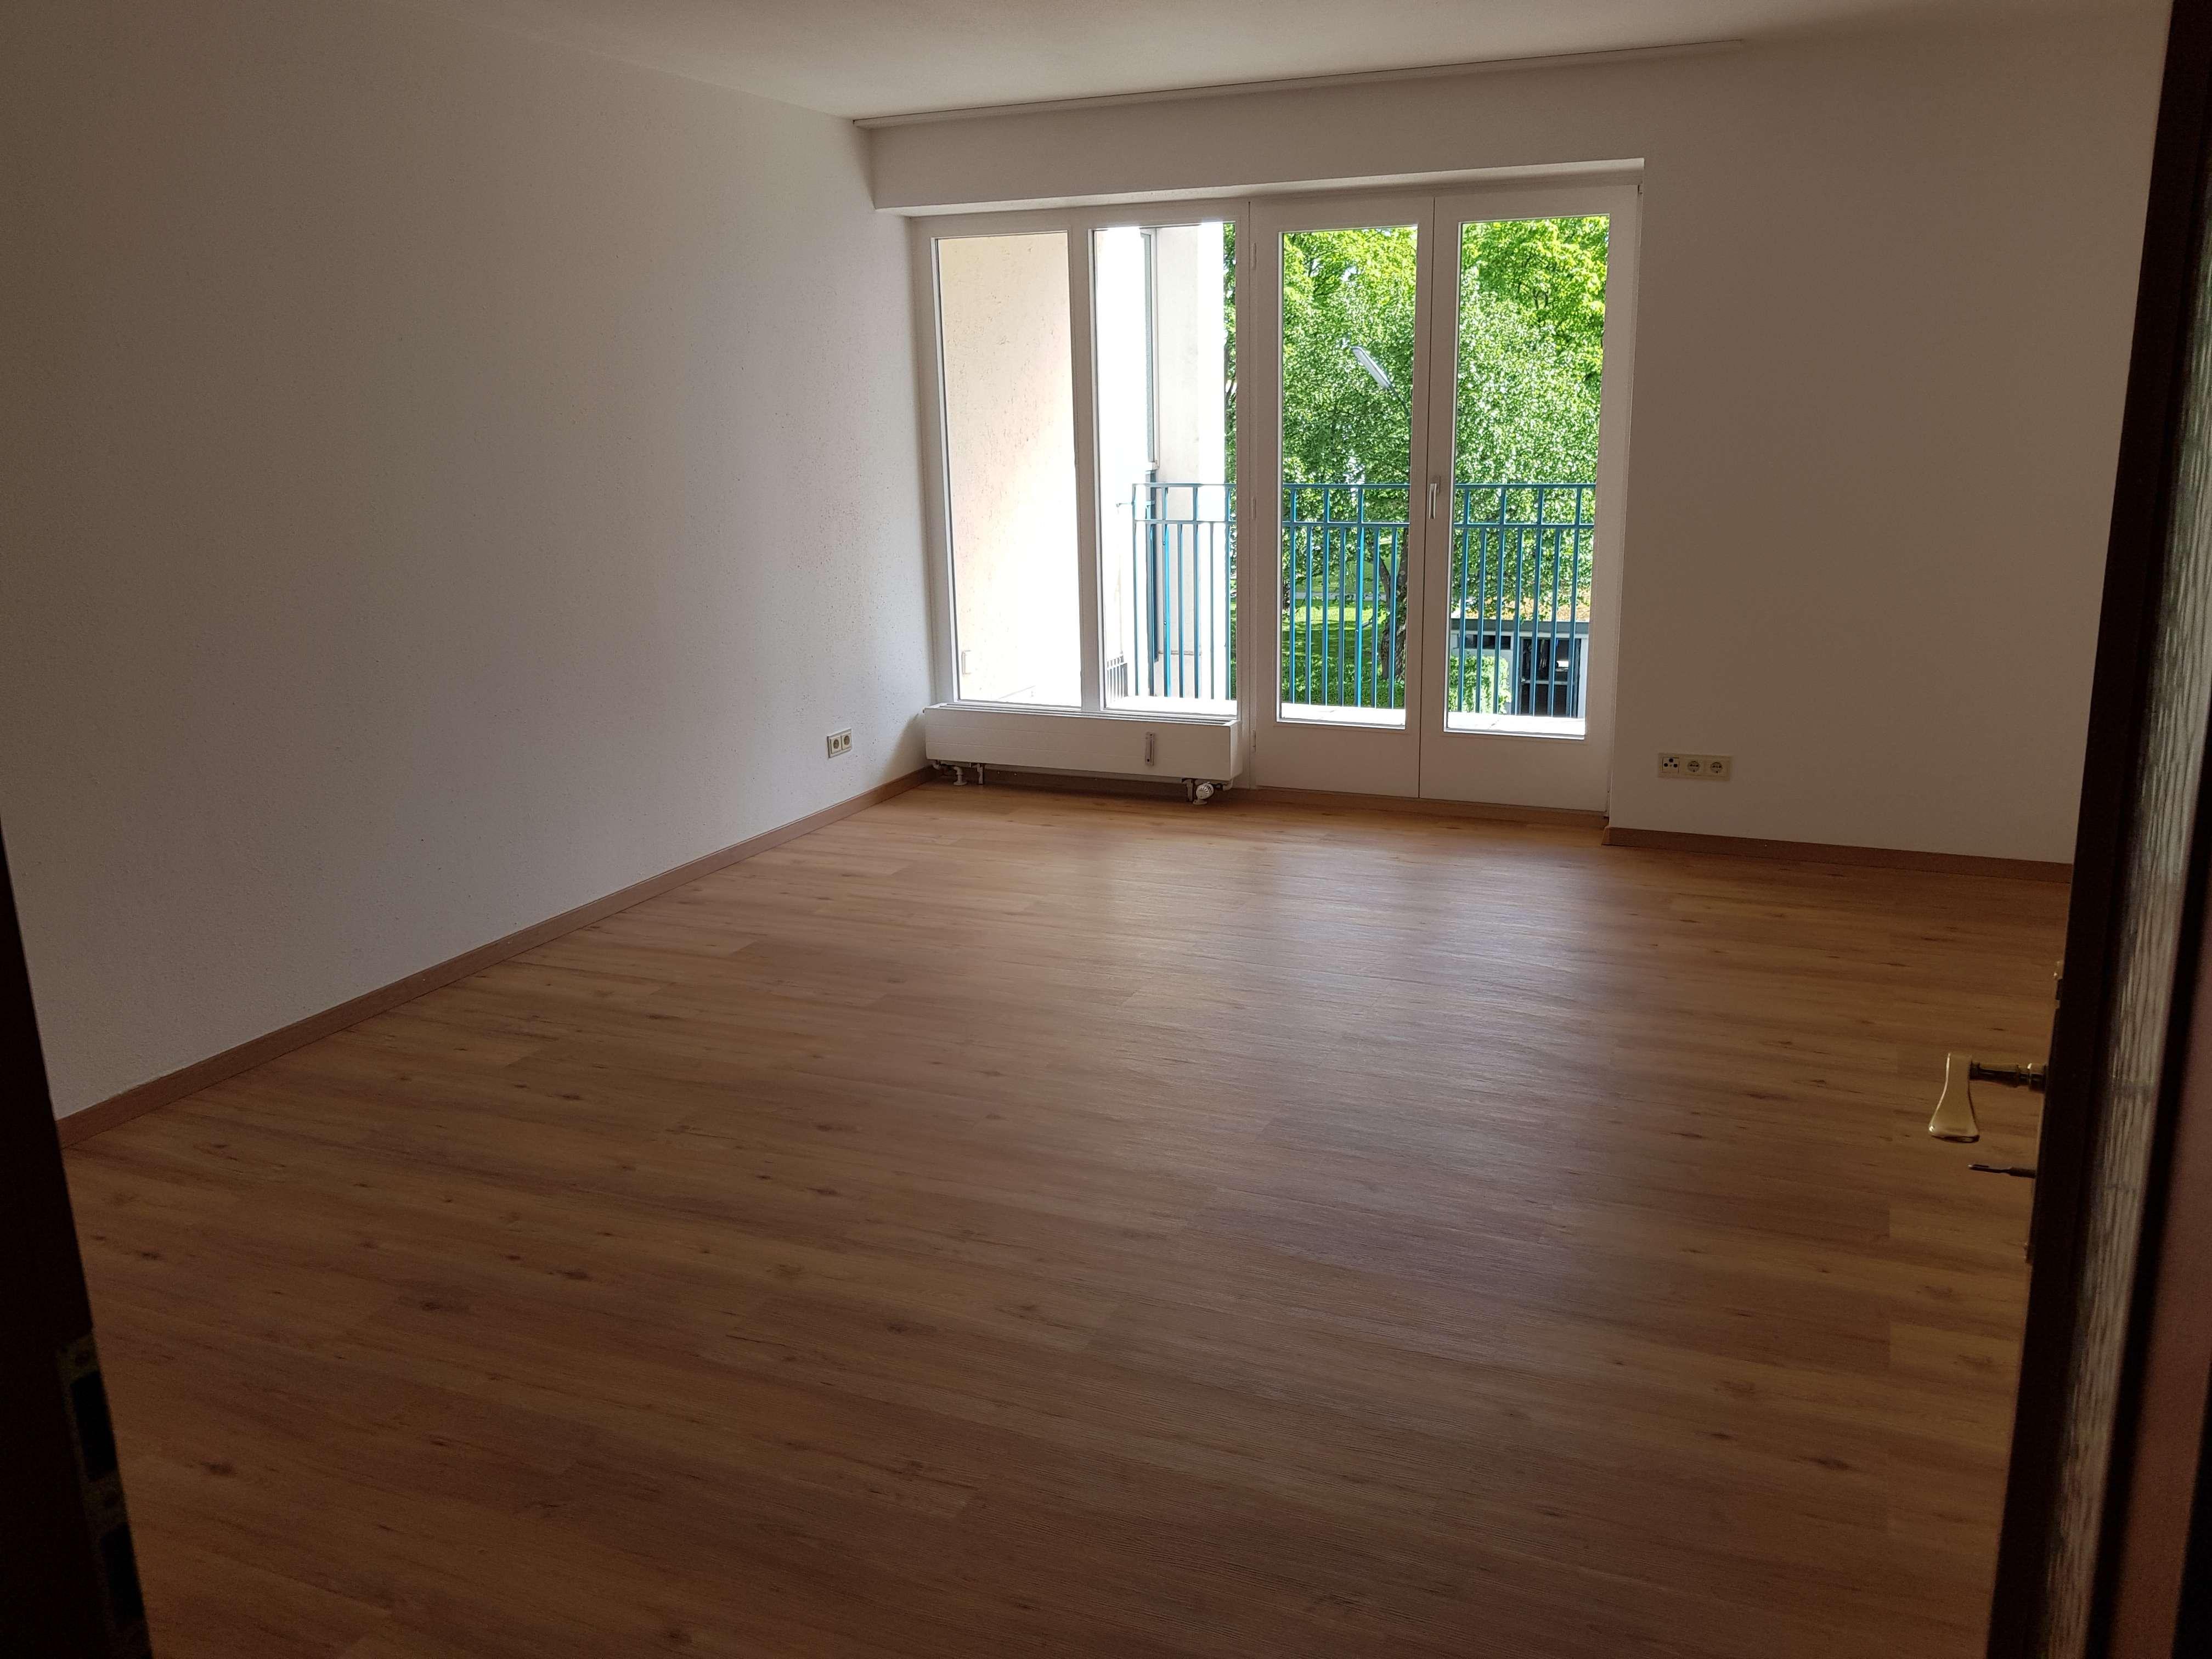 Stilvolle, sonnige 2-Zimmer-Wohnung mit Balkon und Einbauküche in Aubing, München